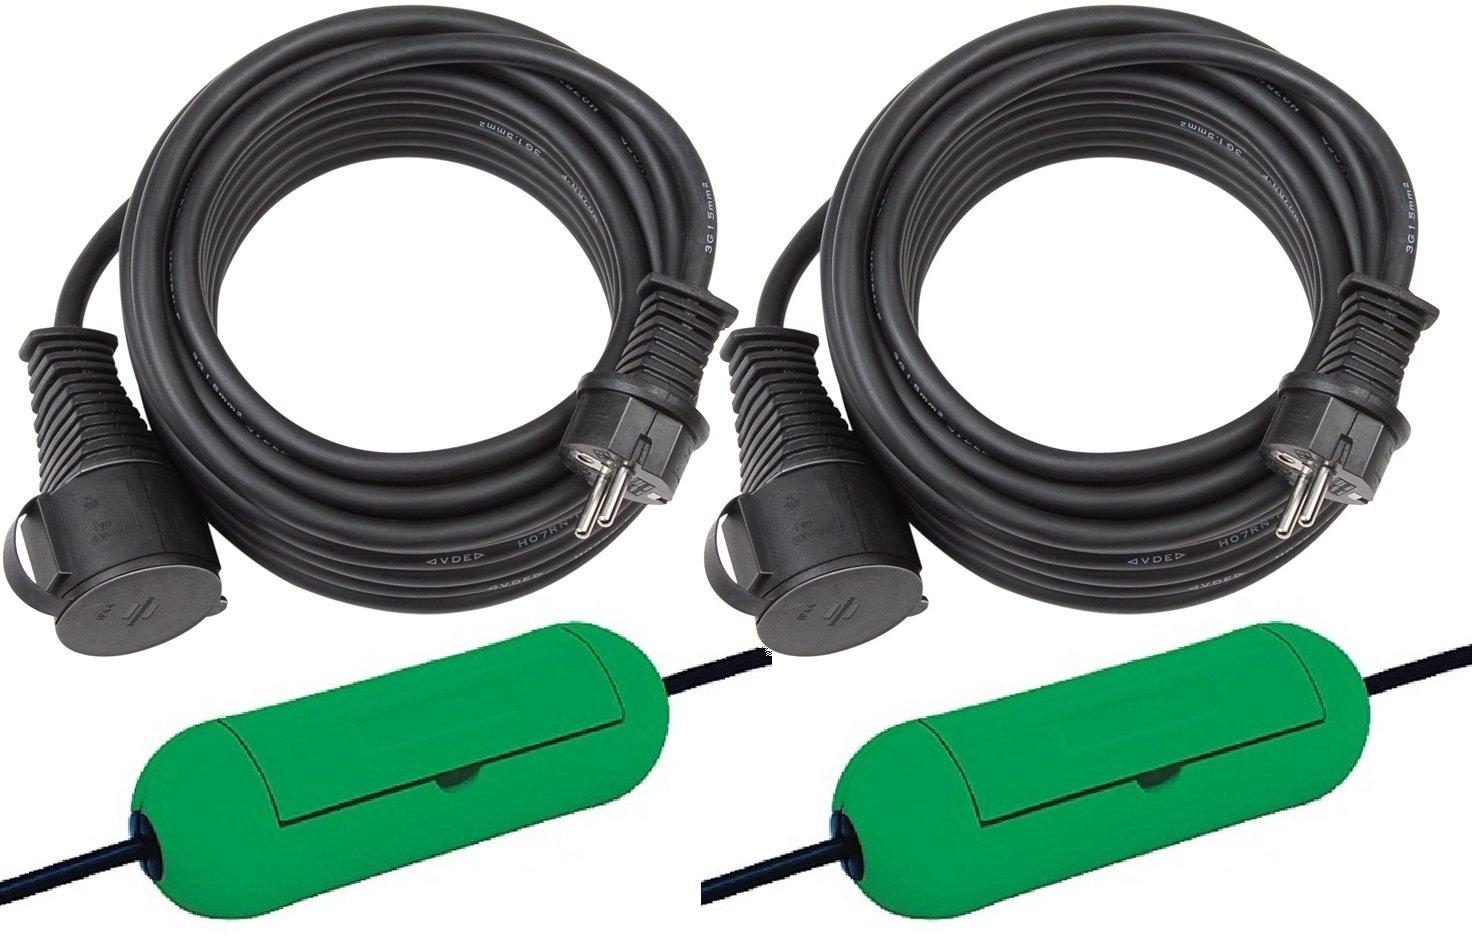 Brennenstuhl Cable alargador con conectores hembra y macho y tapa de seguridad (5 m), color negro 1161420